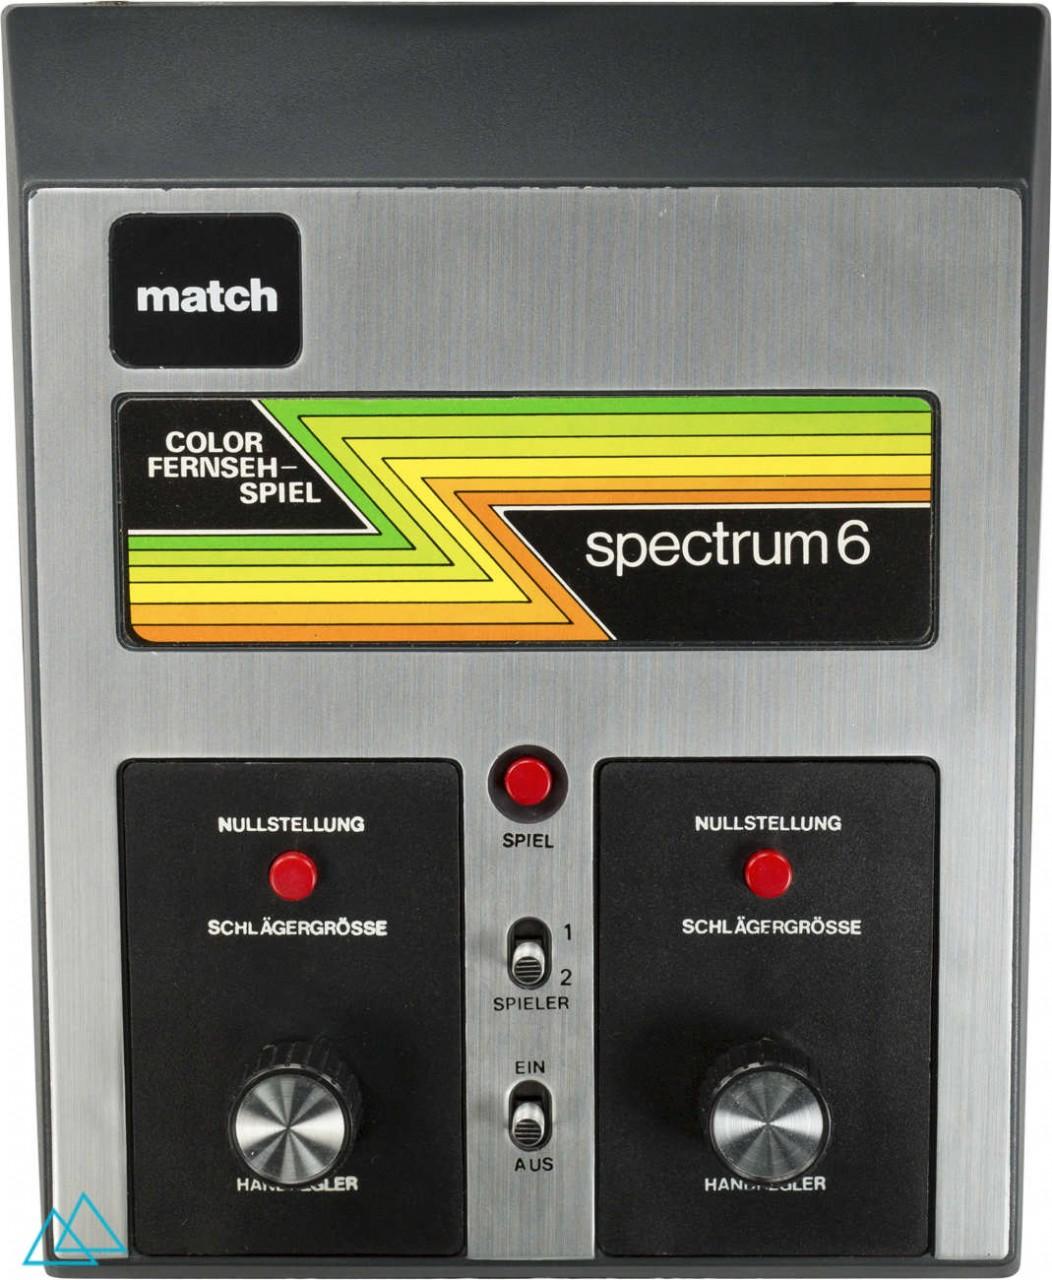 # 115 Pong Match Spectrum